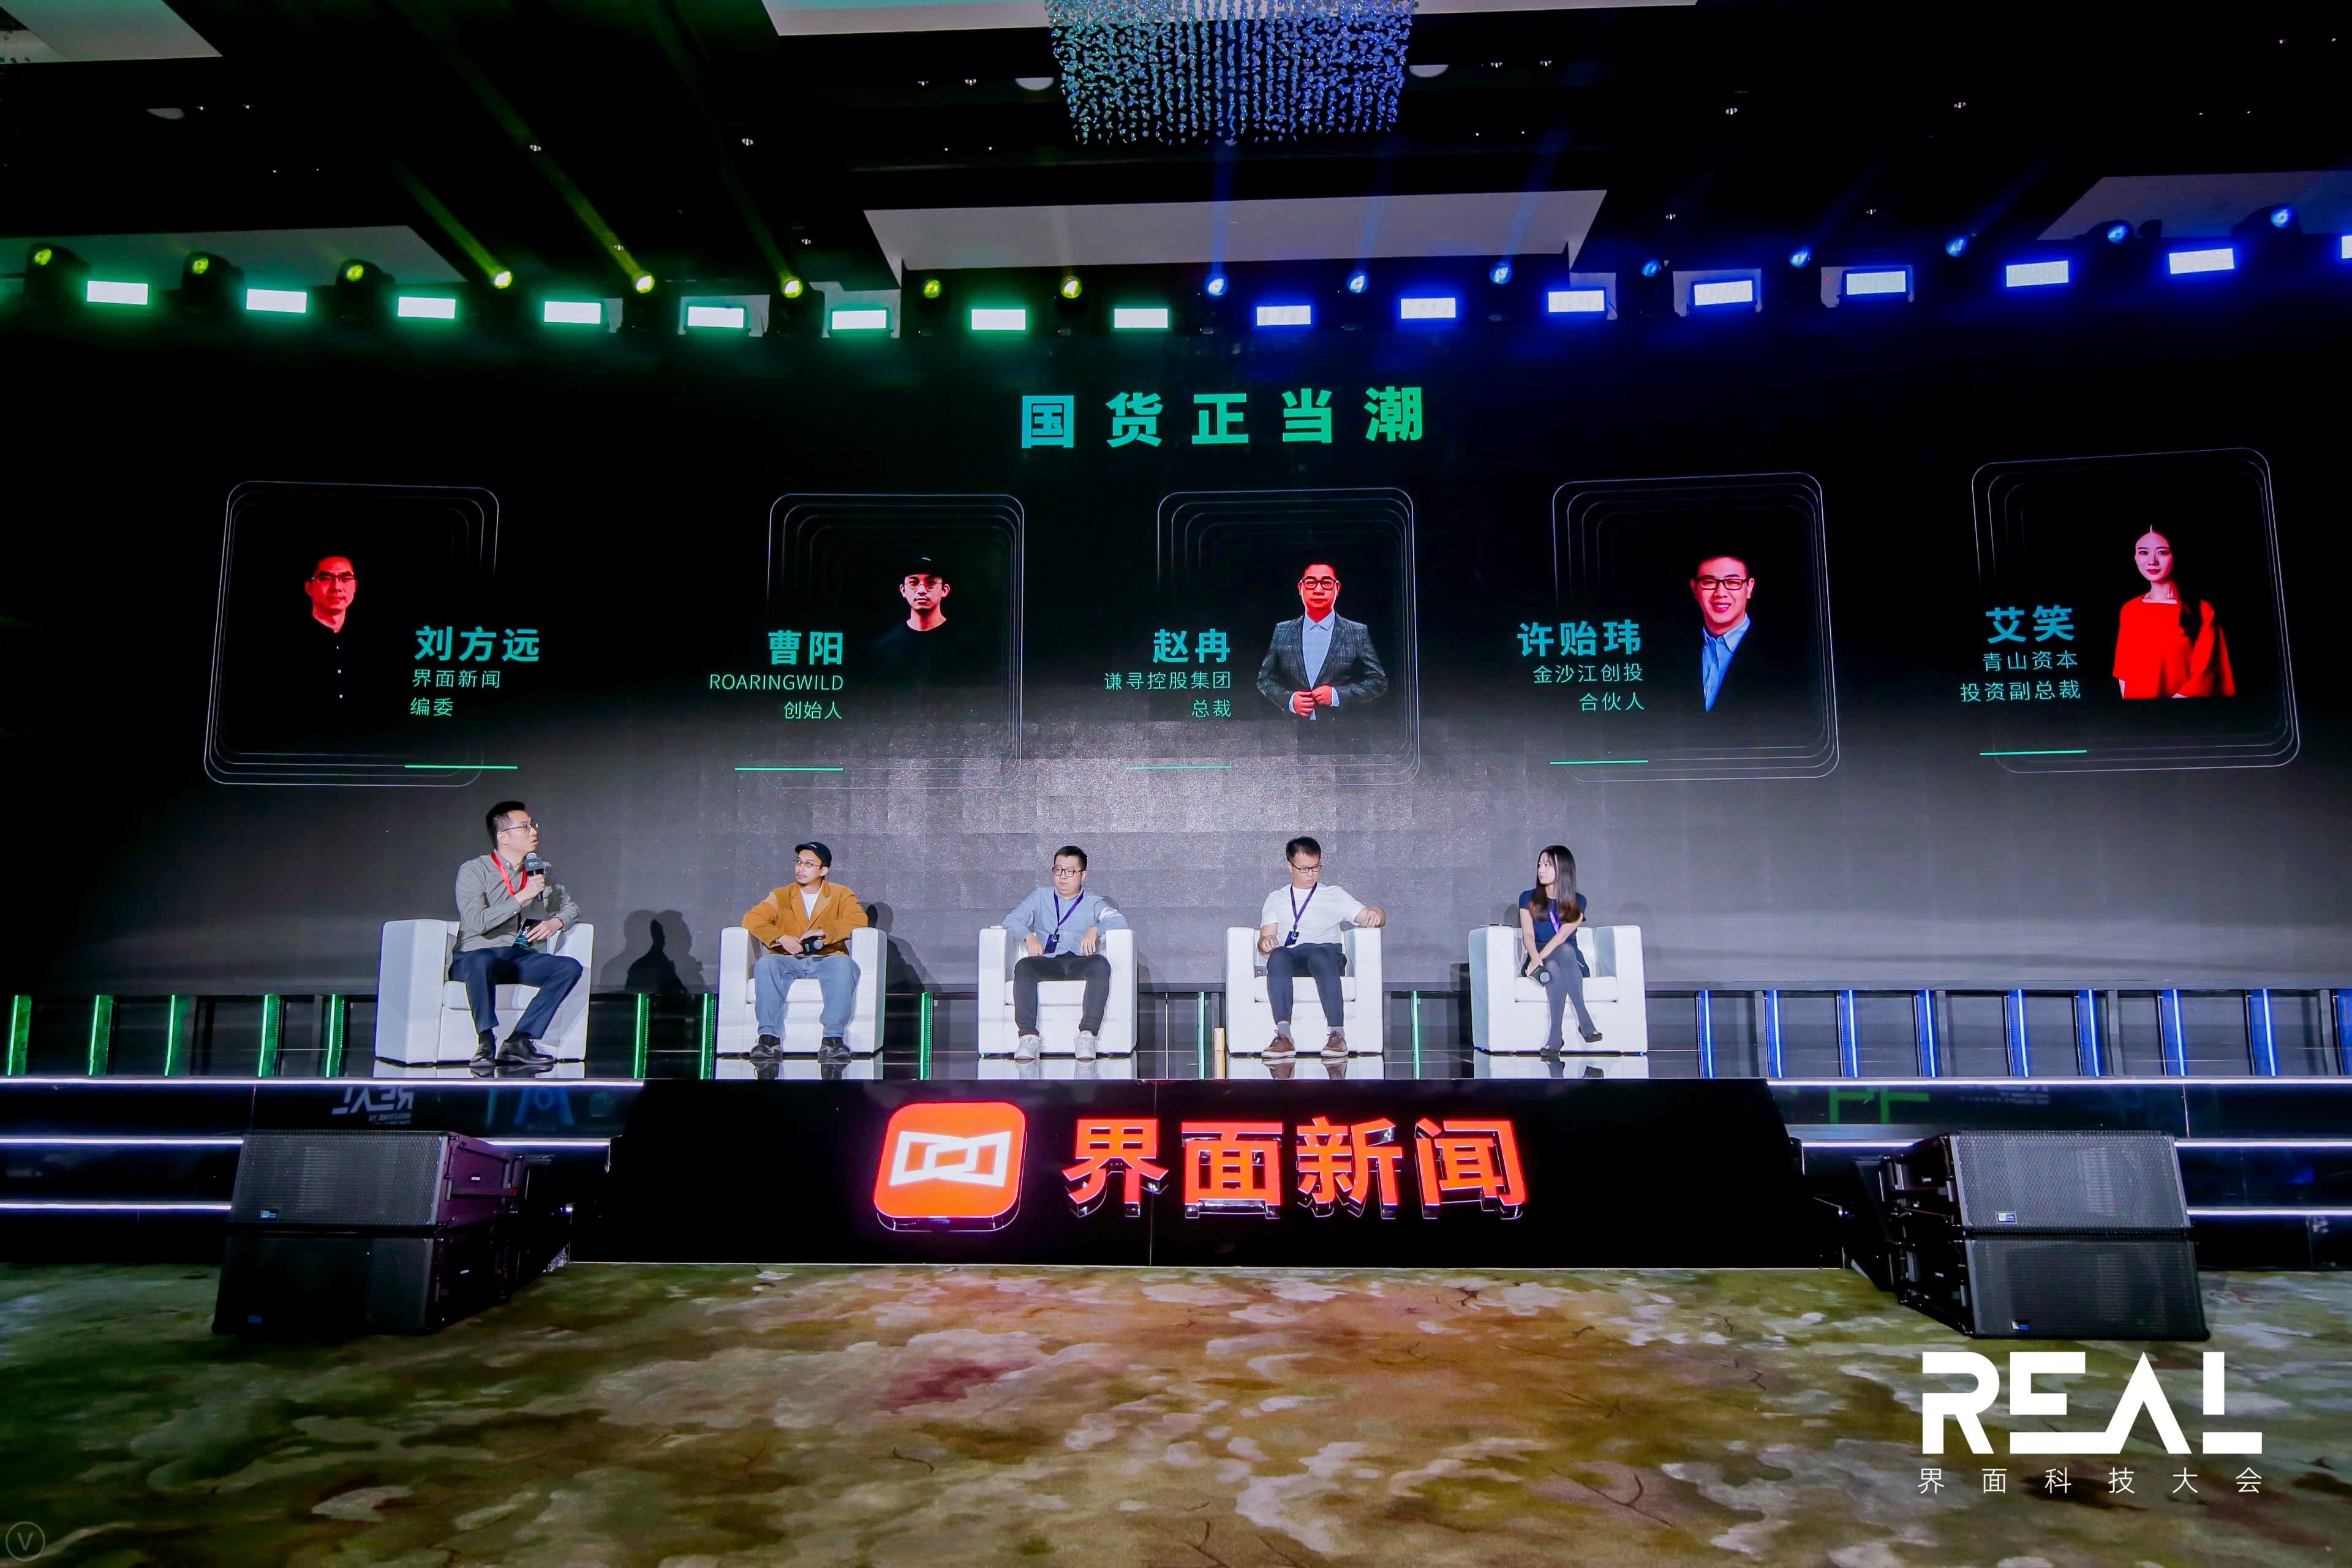 凤凰城平台国货正当潮,他们说未来机会该这样把握  REAL大会